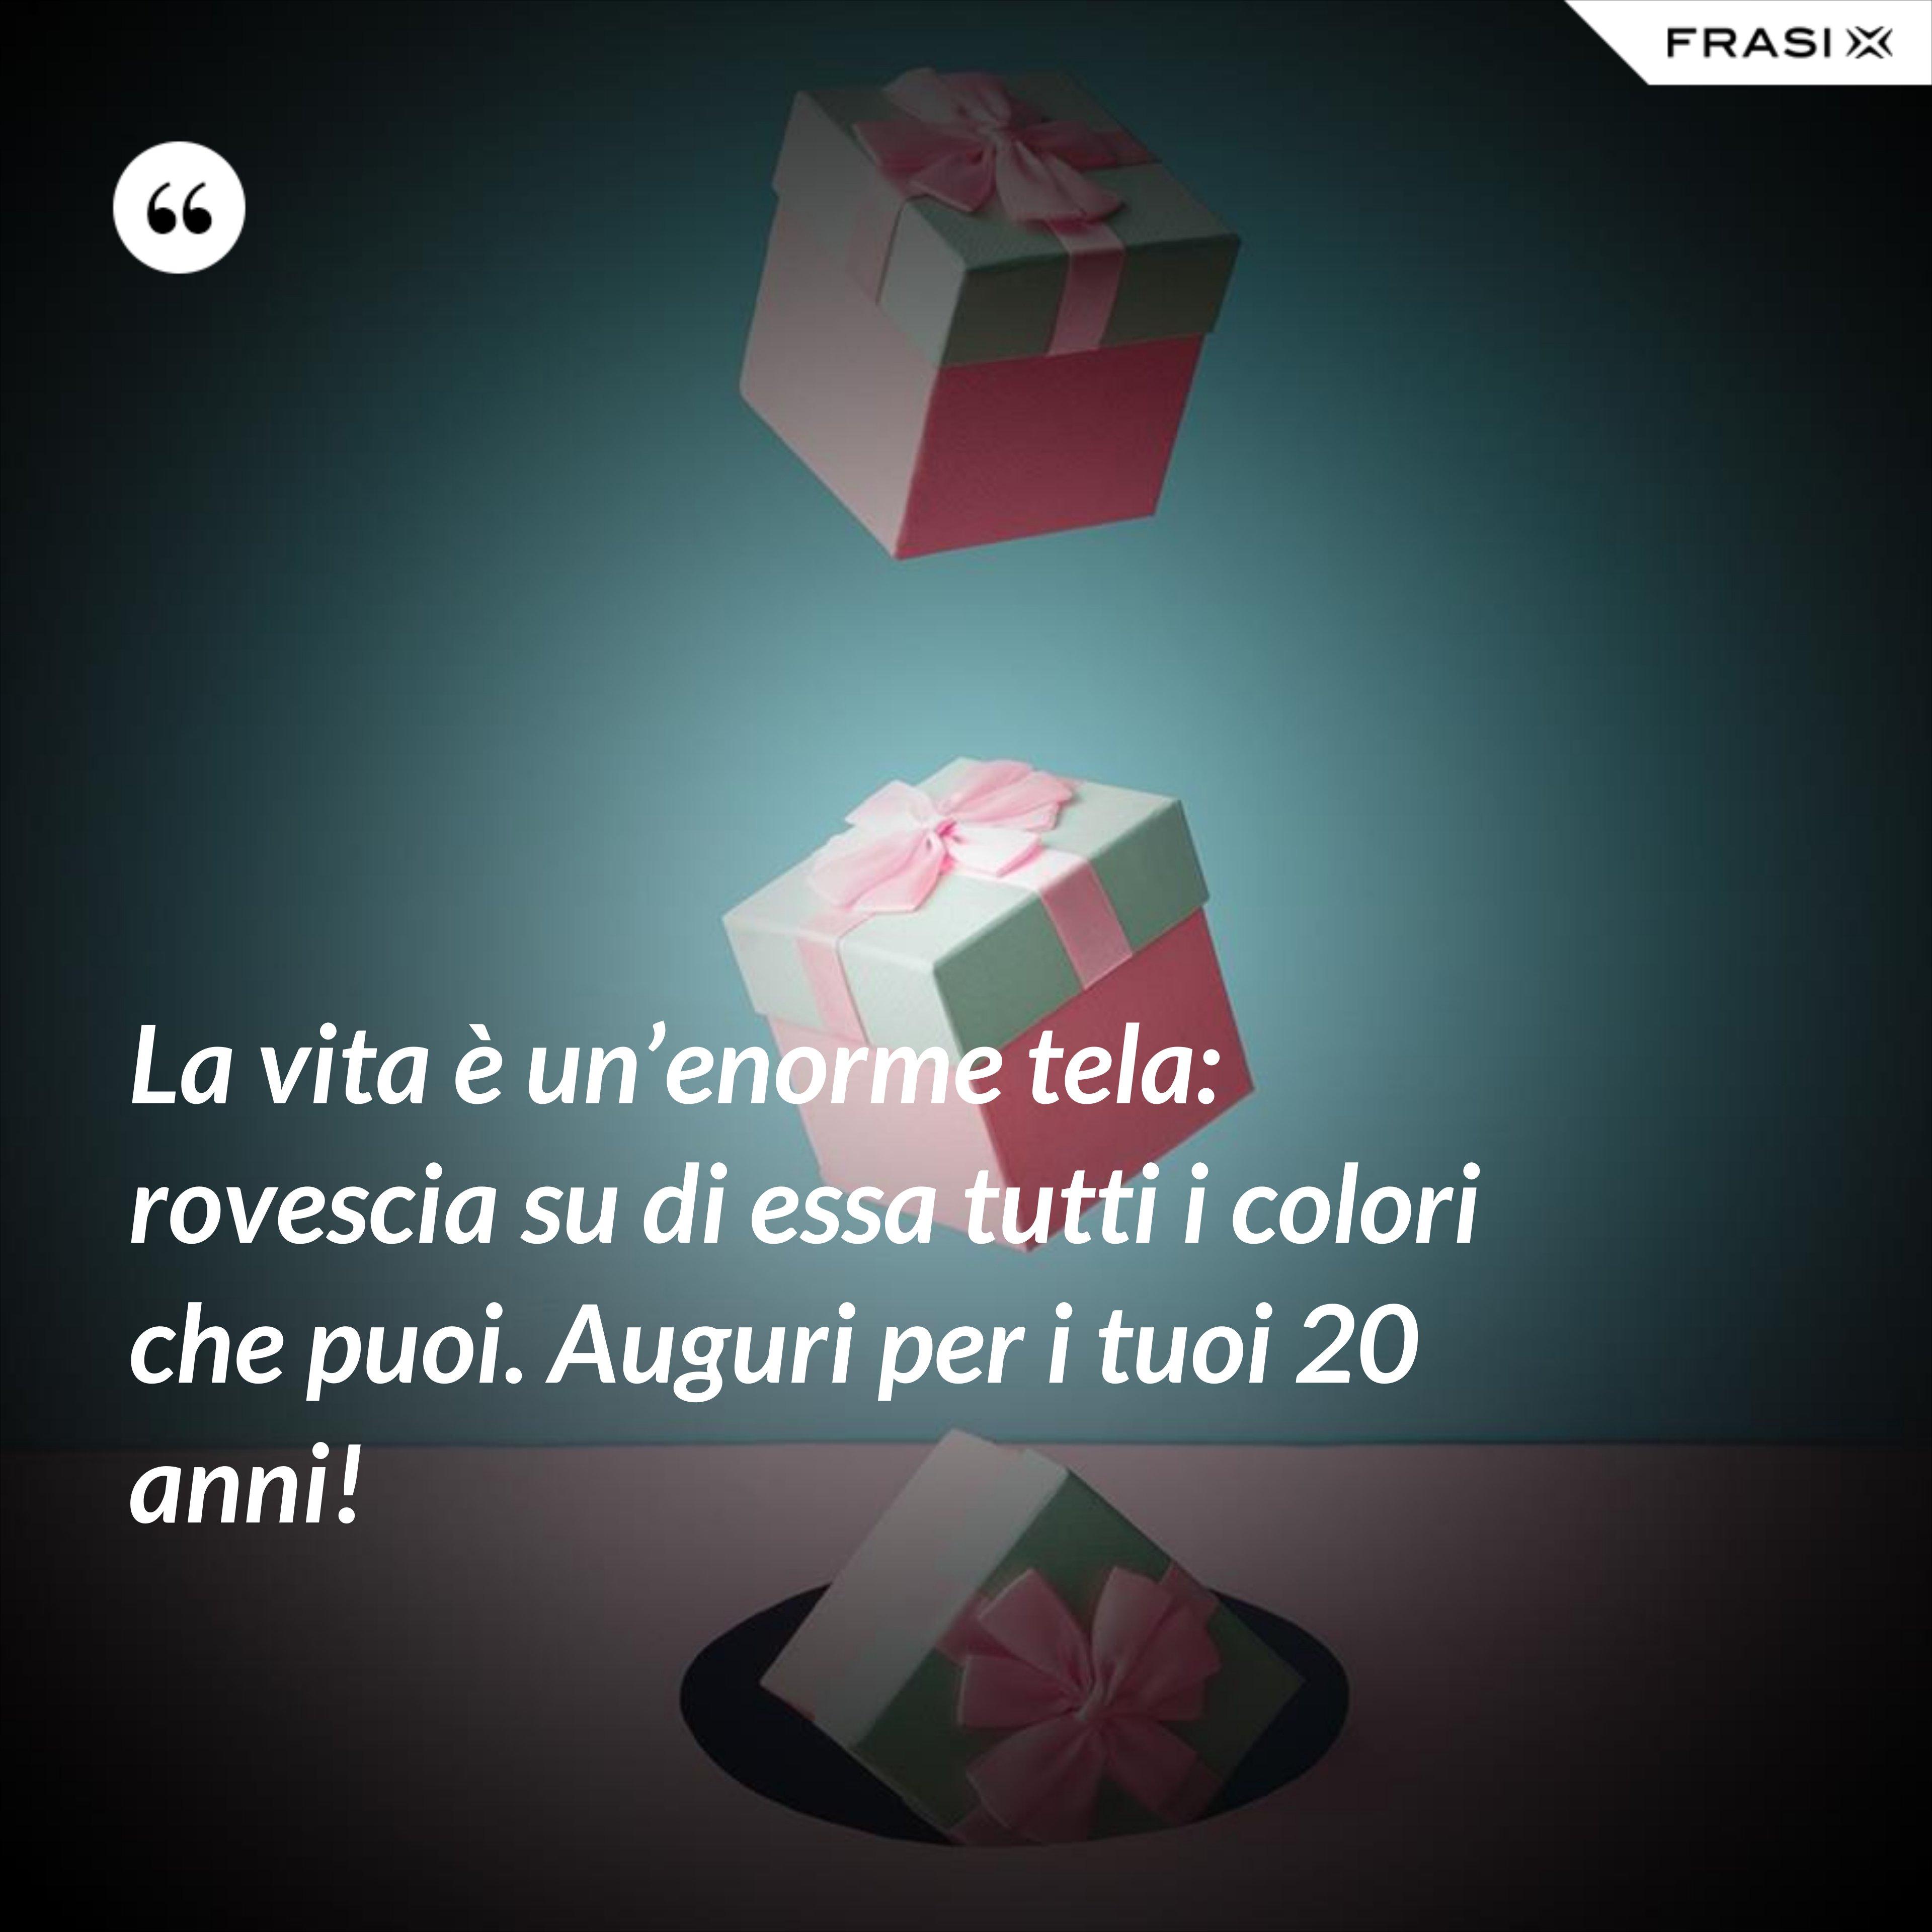 La vita è un'enorme tela: rovescia su di essa tutti i colori che puoi. Auguri per i tuoi 20 anni! - Anonimo